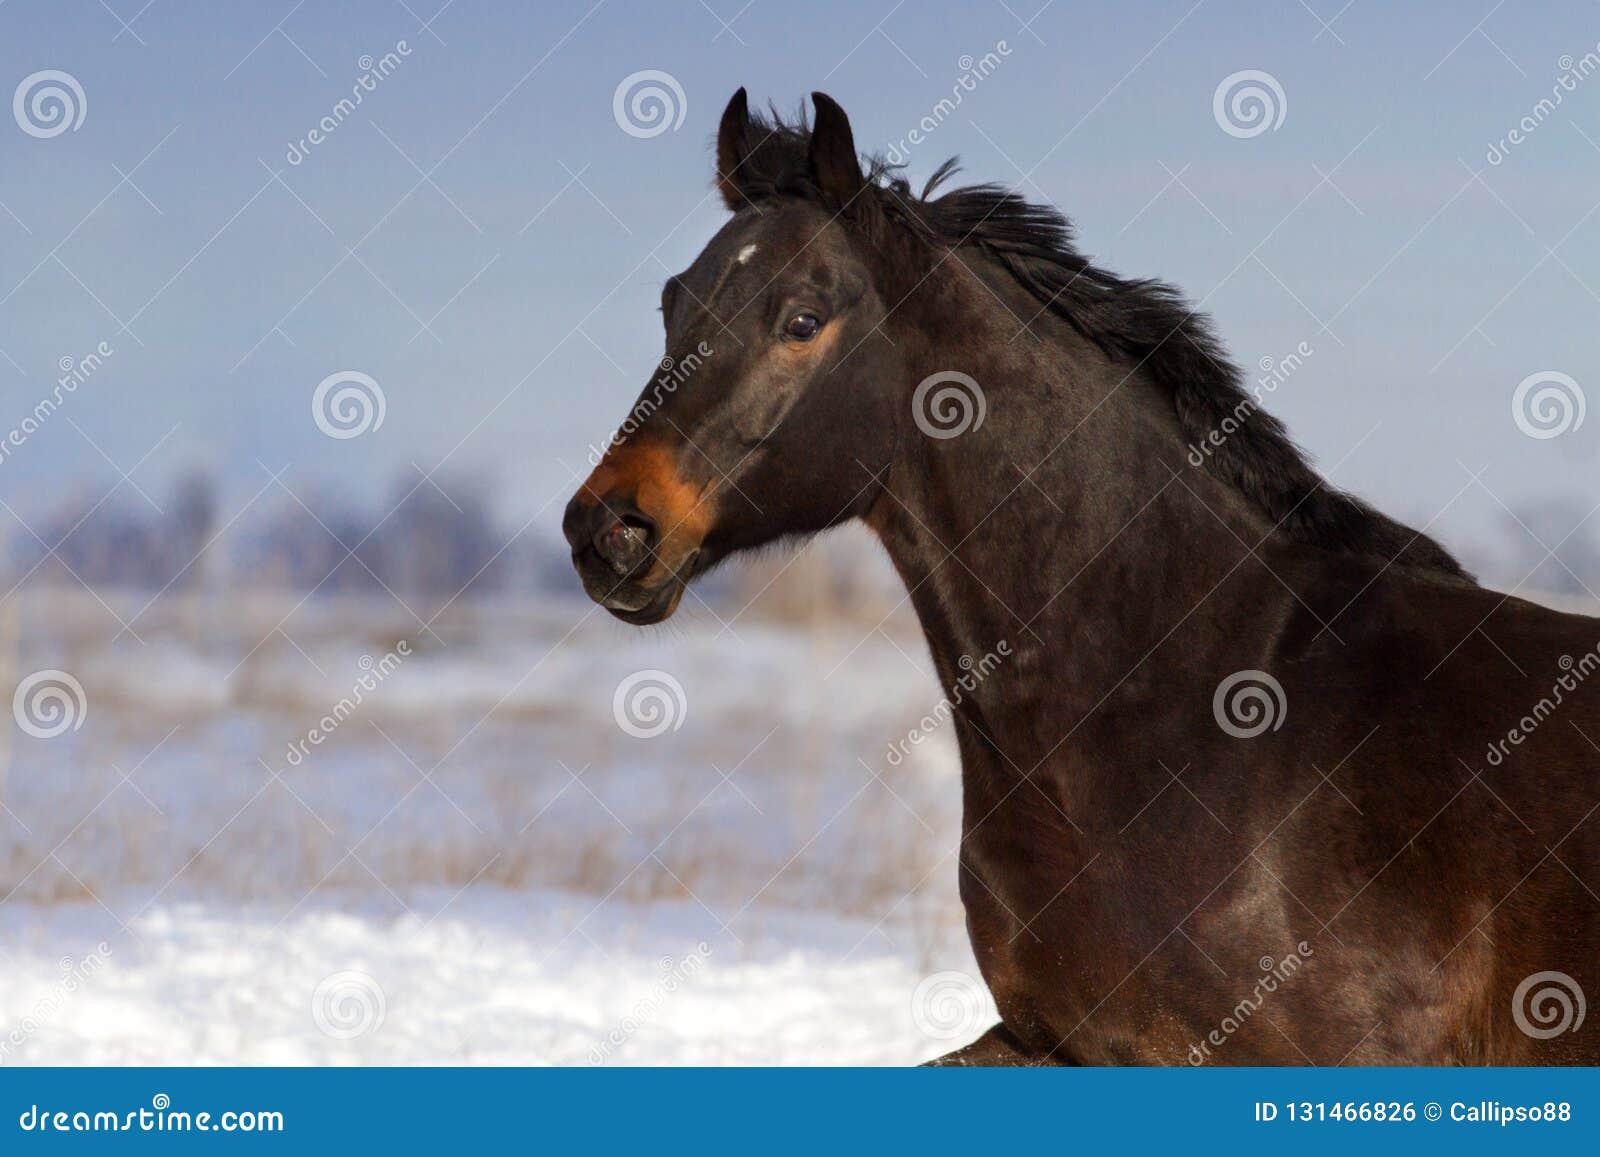 Horse run fun in snow